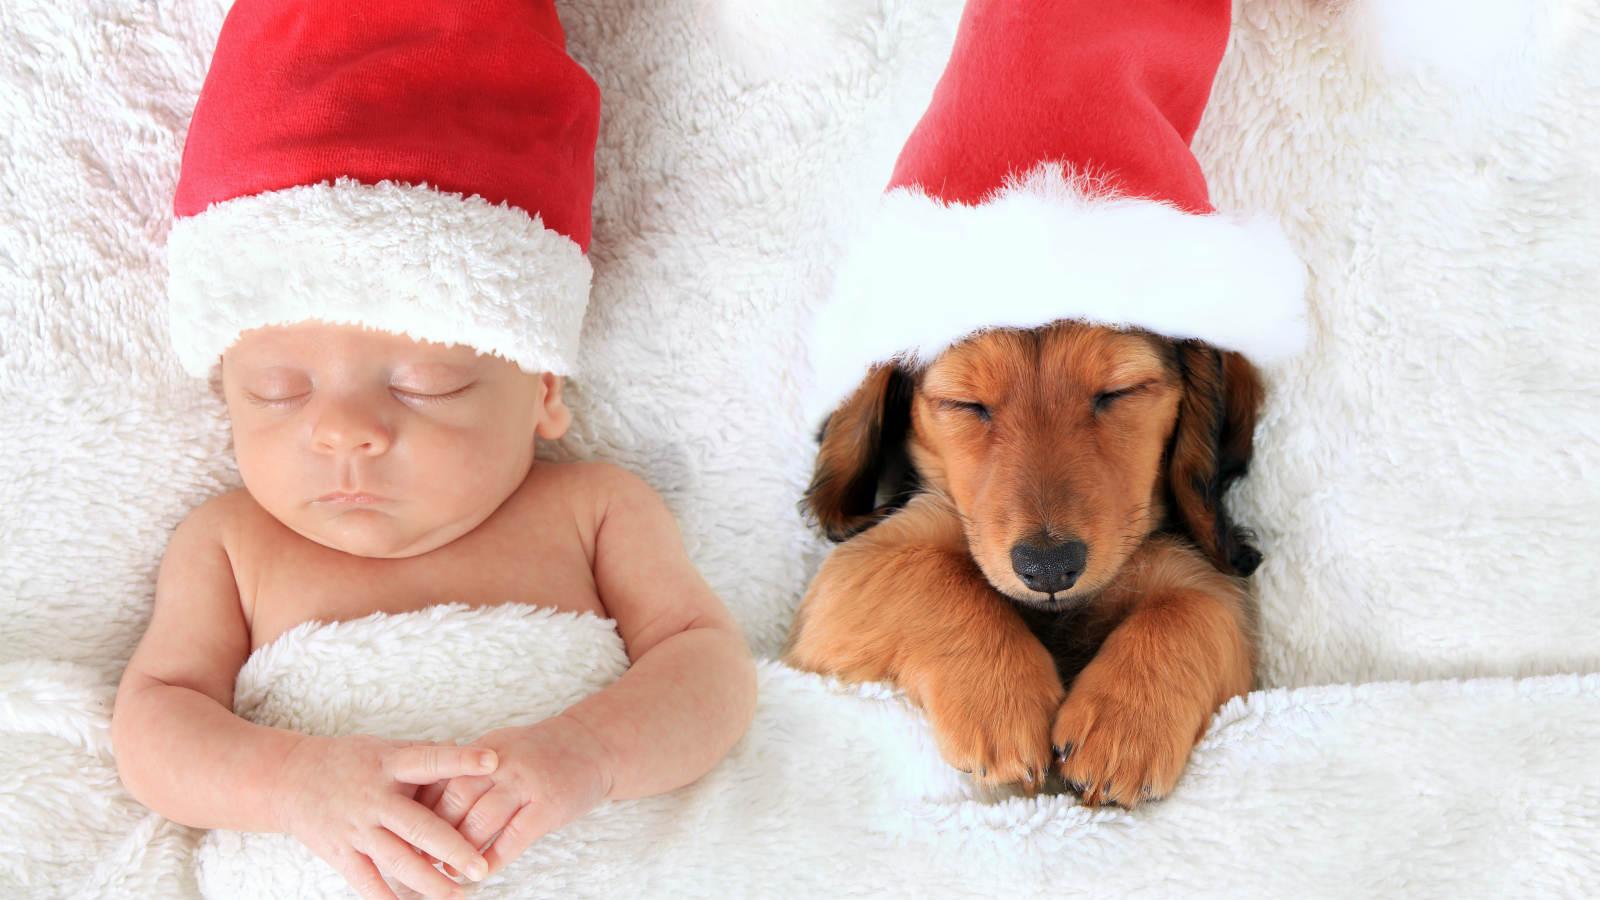 Come passare il Natale con i bambini piccoli